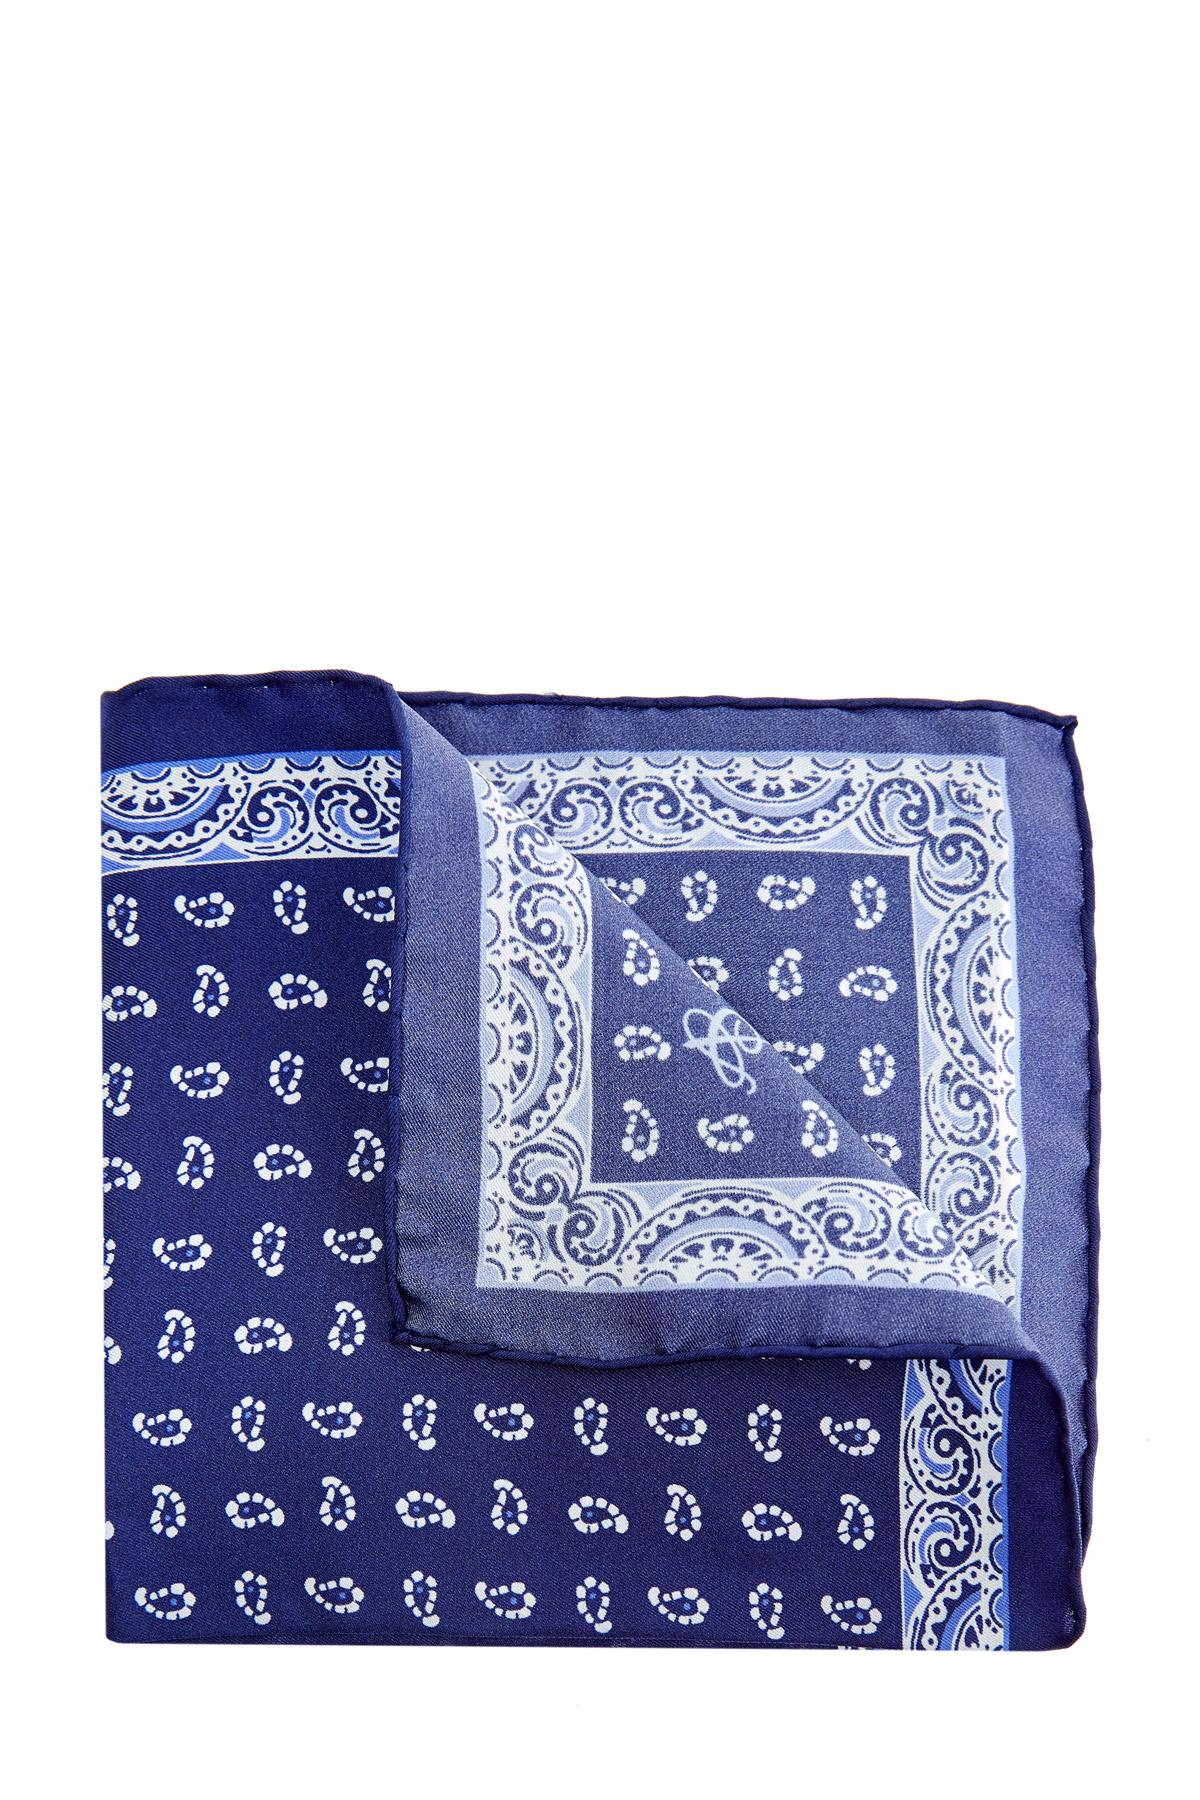 Купить Яркий платок-паше с набивным принтом пейсли, CANALI, Италия, шелк 100%